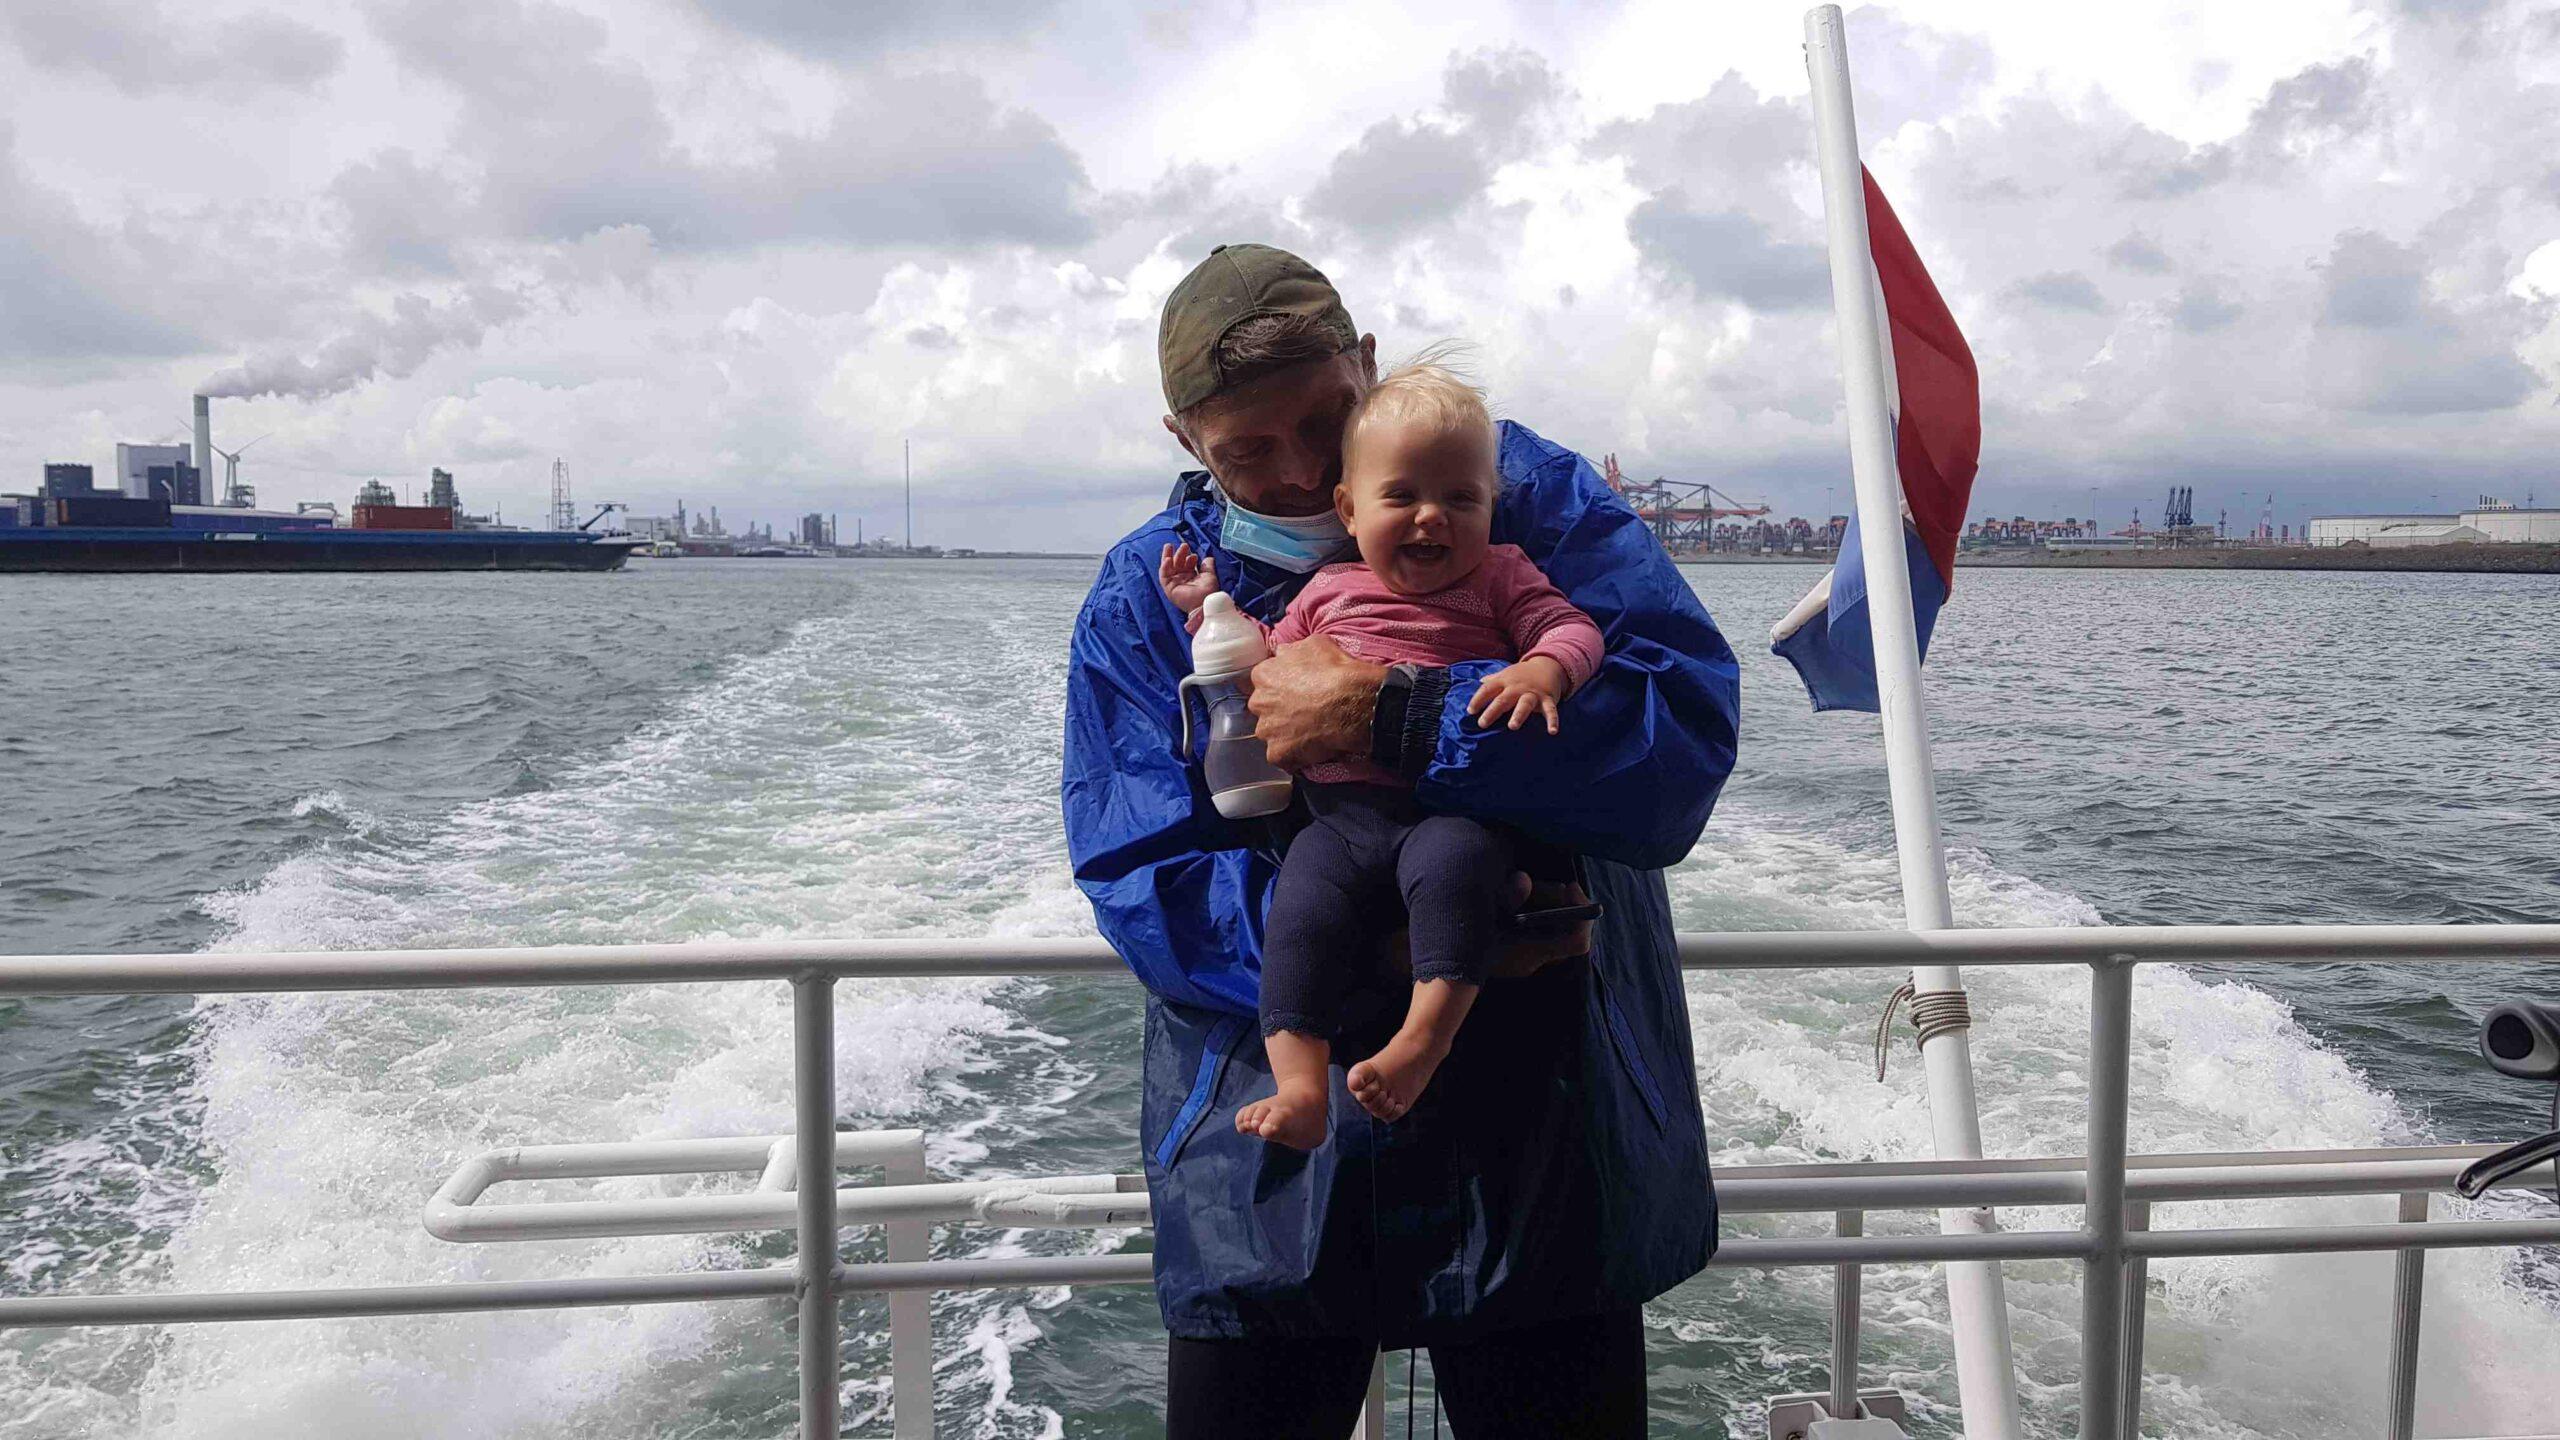 Rondje-Nederland-met-baby-JP-en-Lotje-ferry